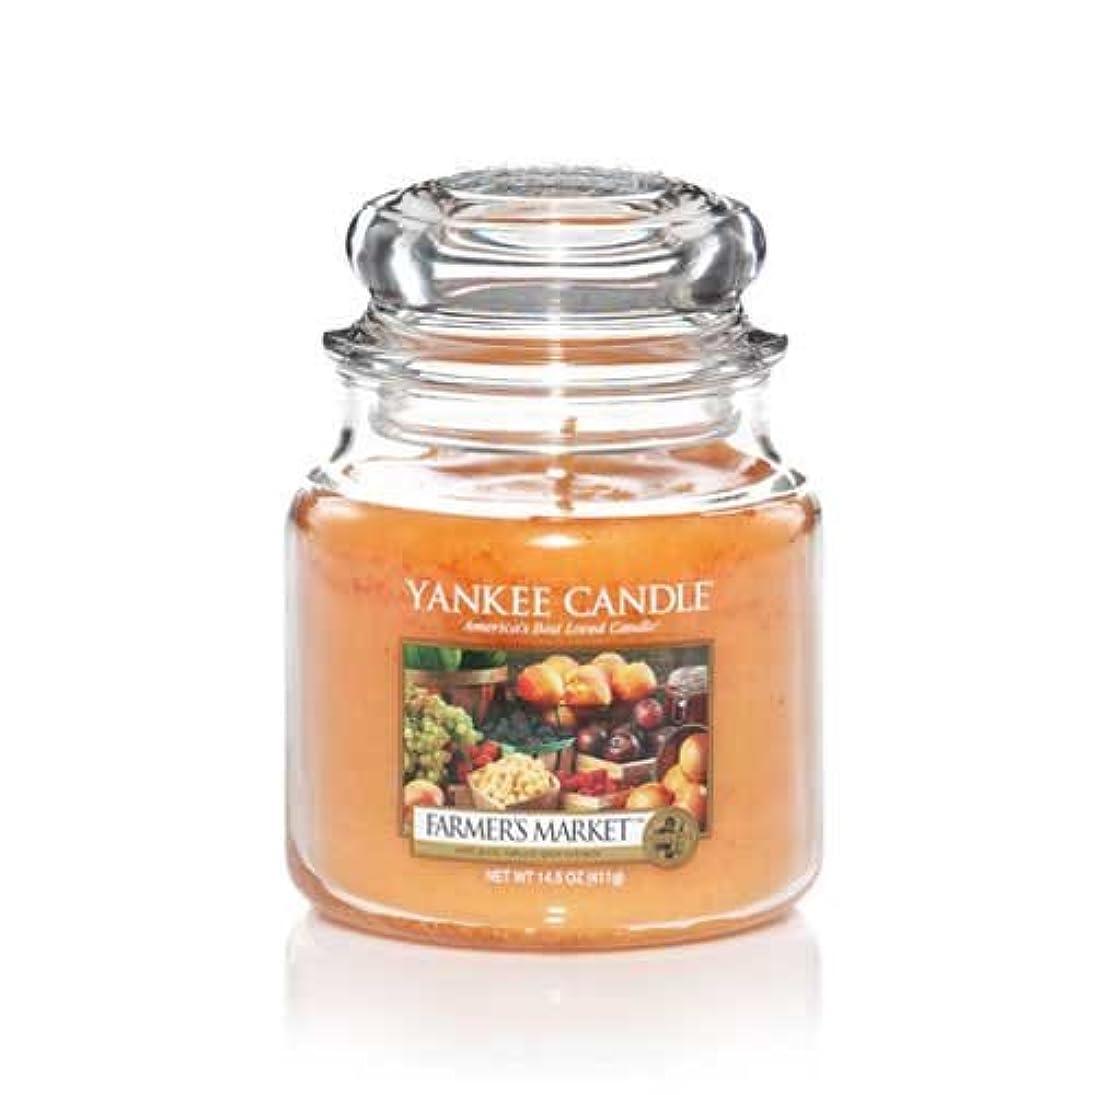 極めて重要な表現堤防Yankee Candle Farmer 's Market Medium Jar Candle, Food & Spice香り